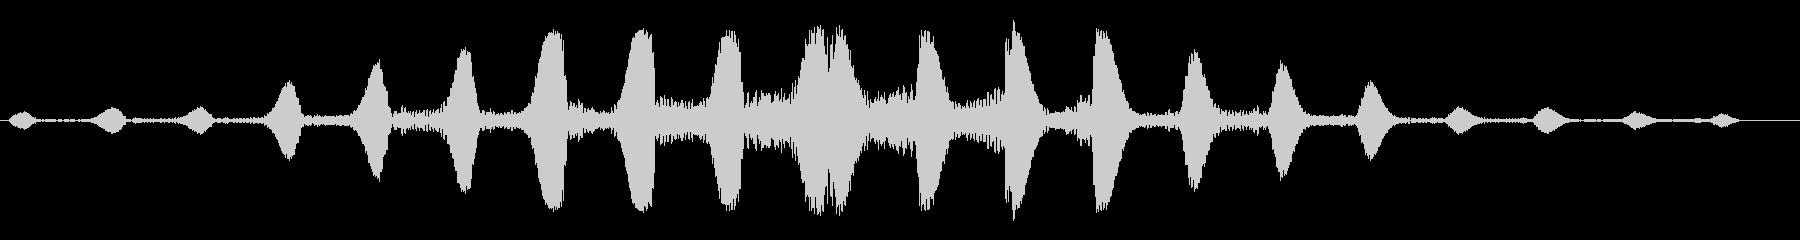 ボヨボヨとしたアクア音の未再生の波形